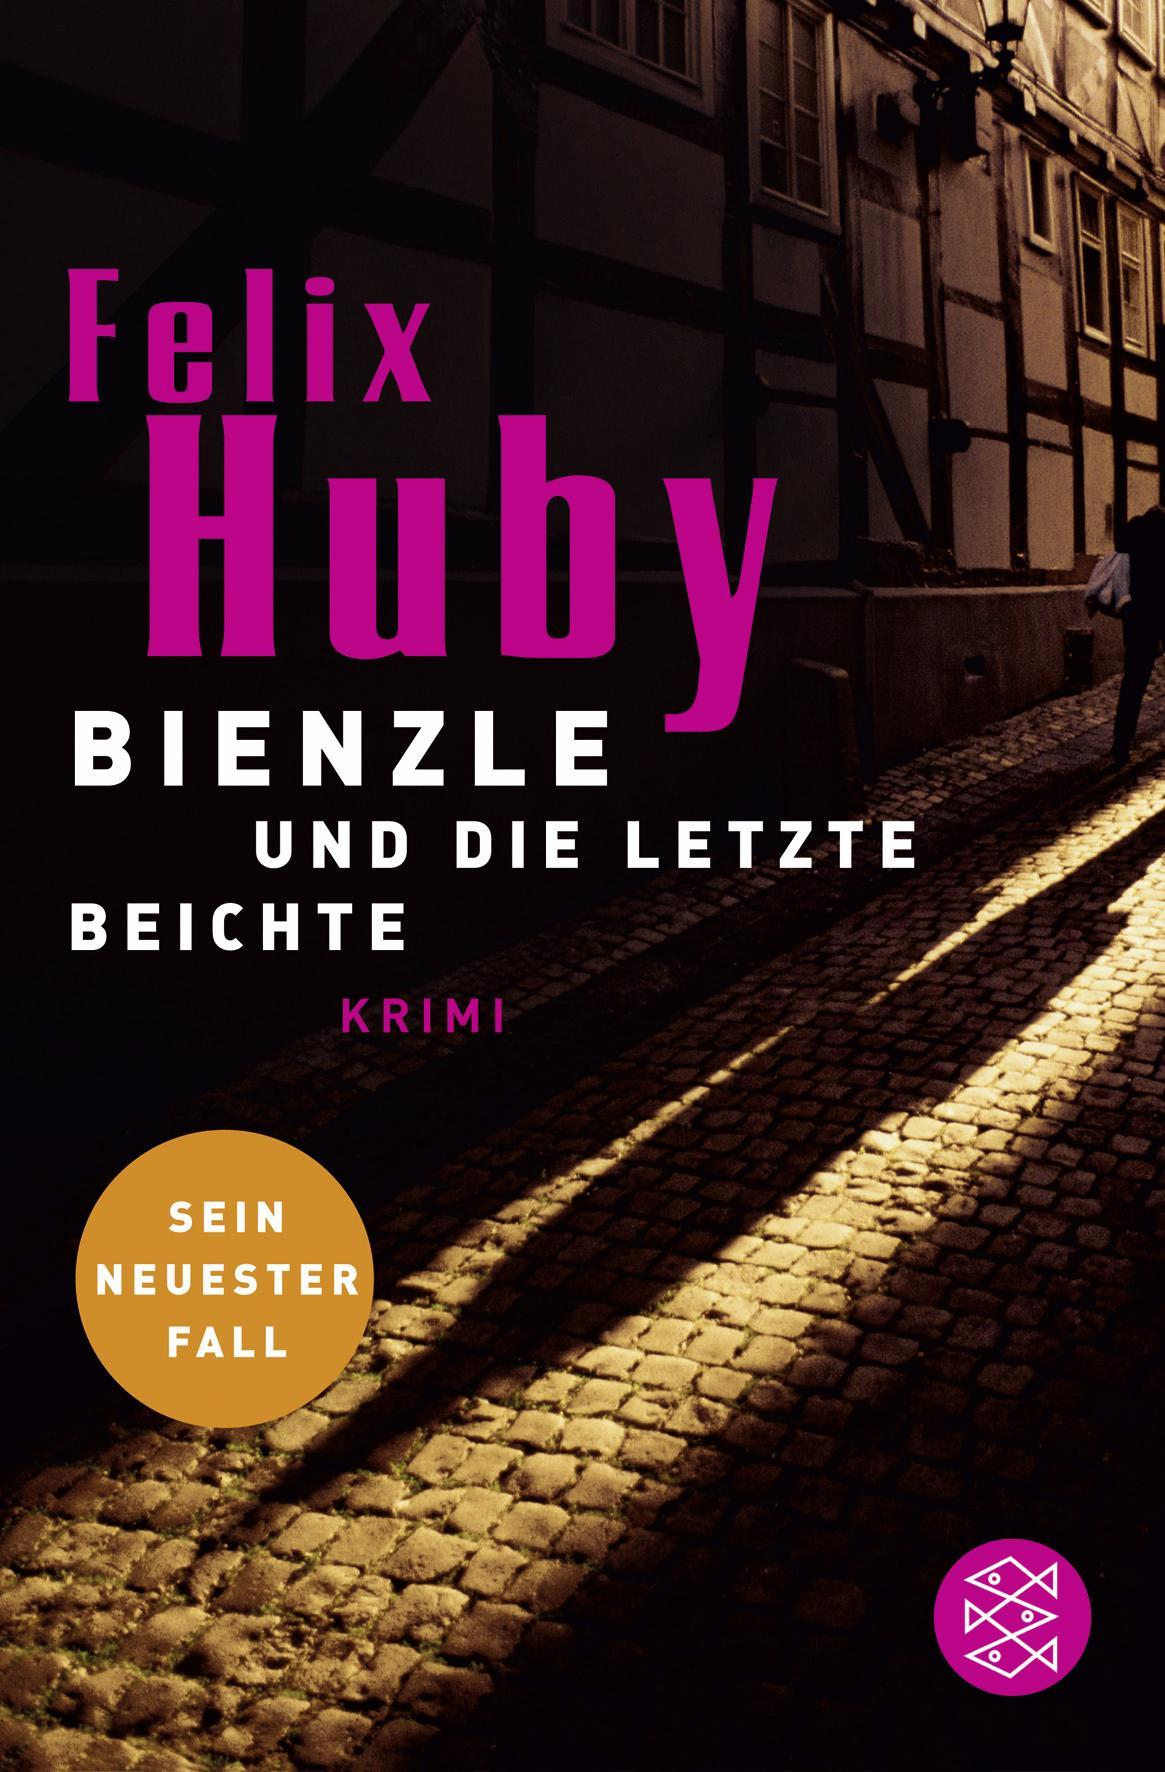 Bienzle und die letzte Beichte, Felix Huby